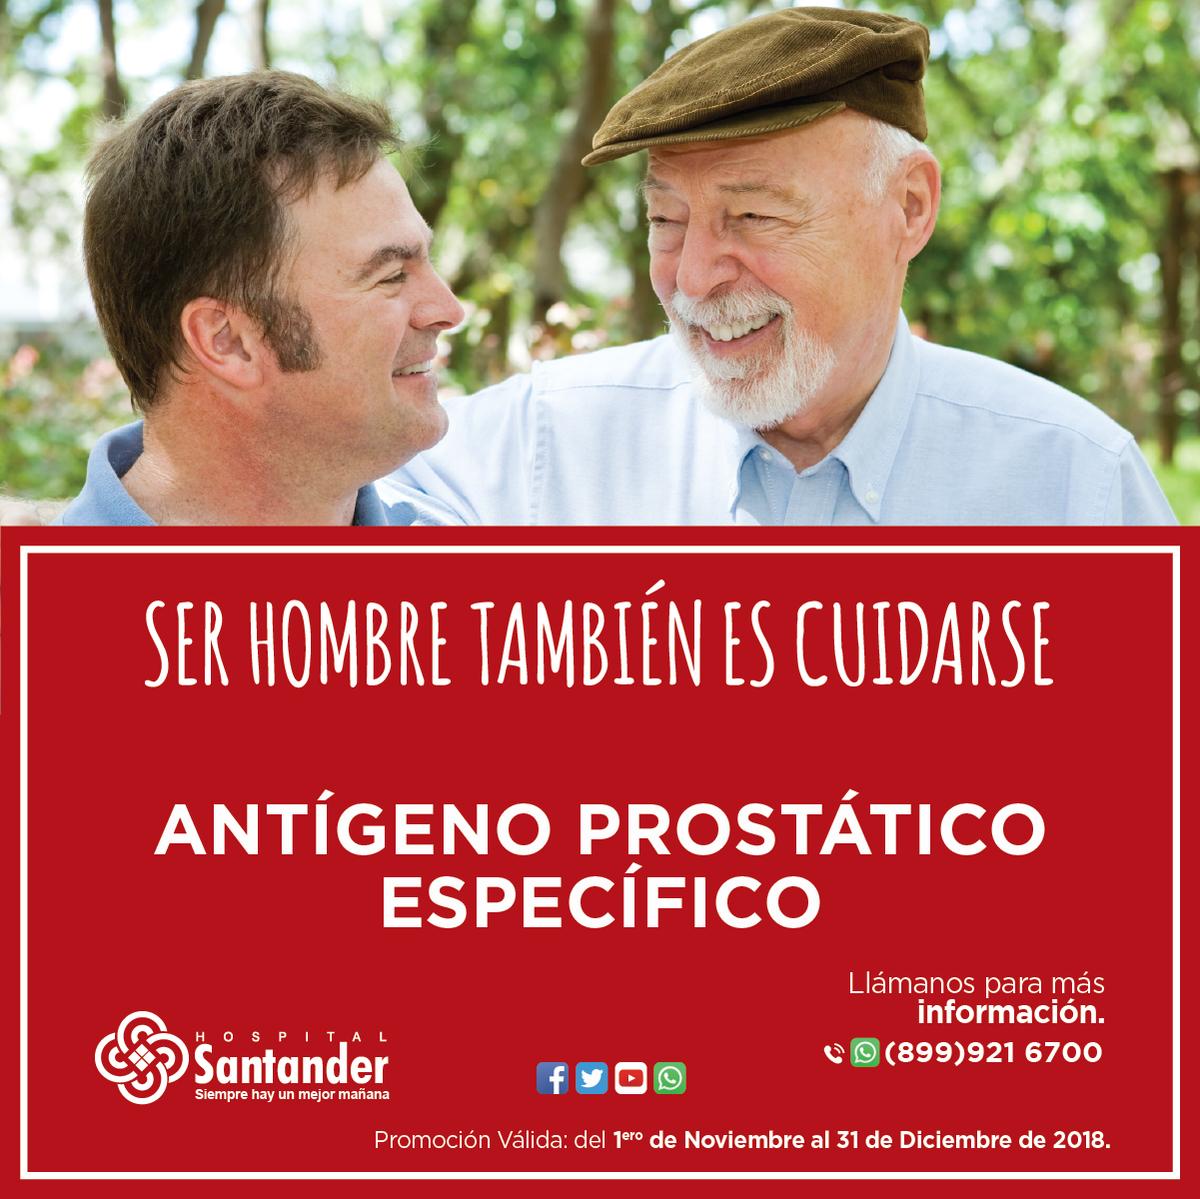 Optimidad de los valores de antígeno prostático específico